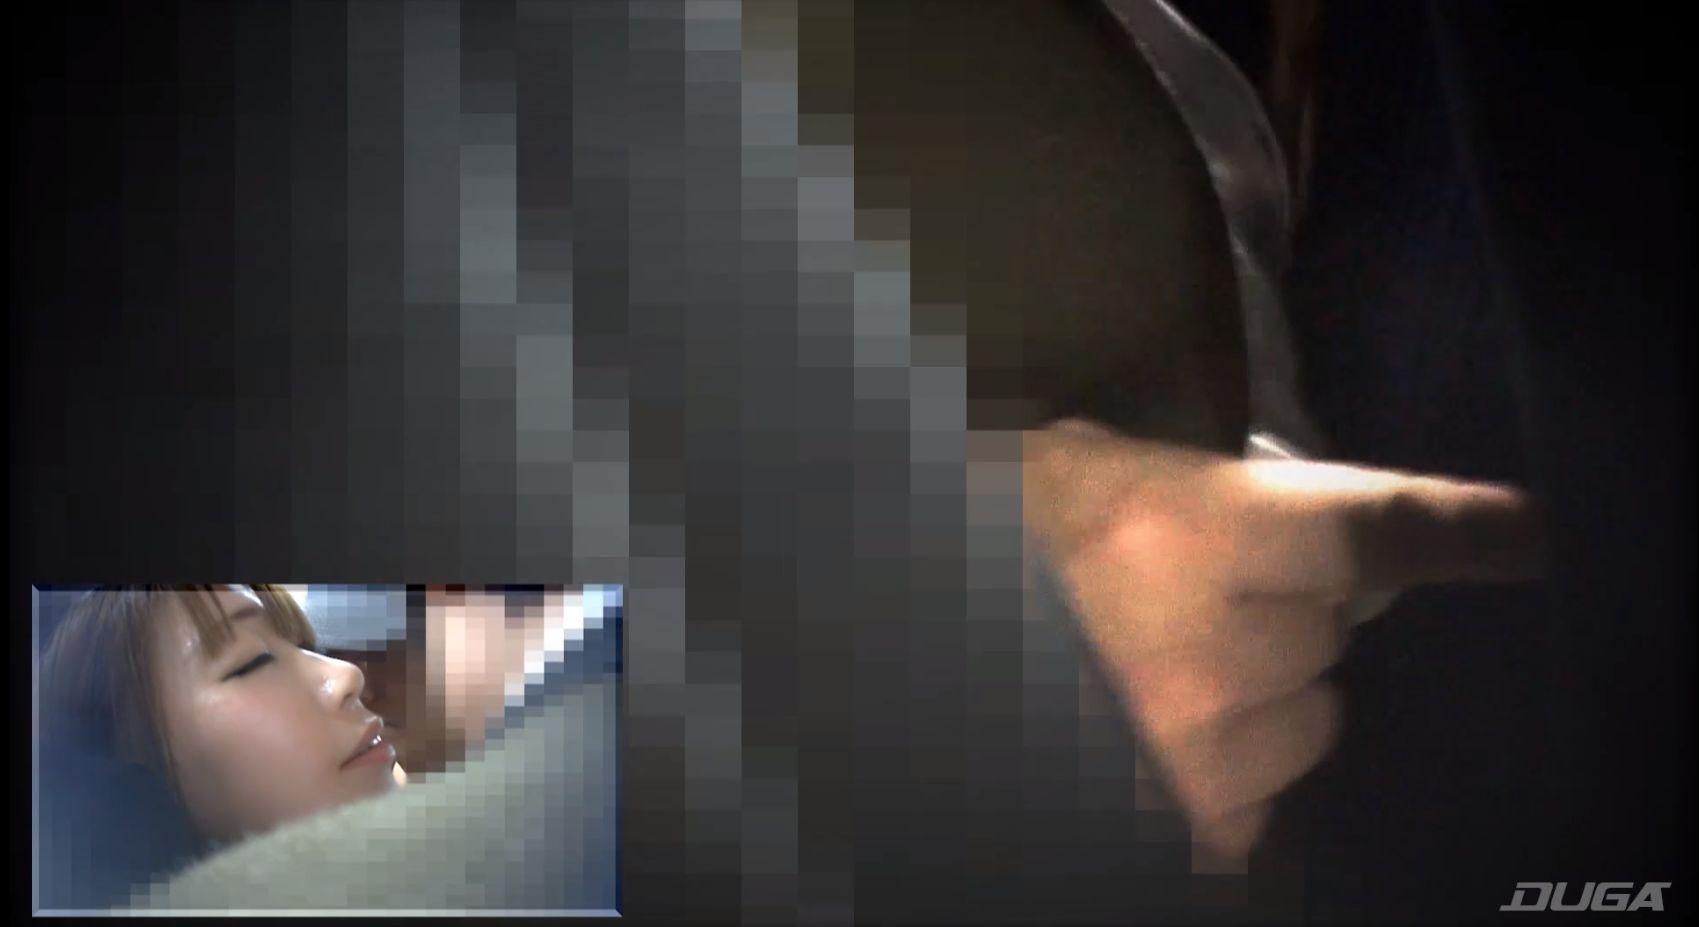 満員電車で痴漢に襲われている素人熟女 乾沙衣の様子を隠し撮り